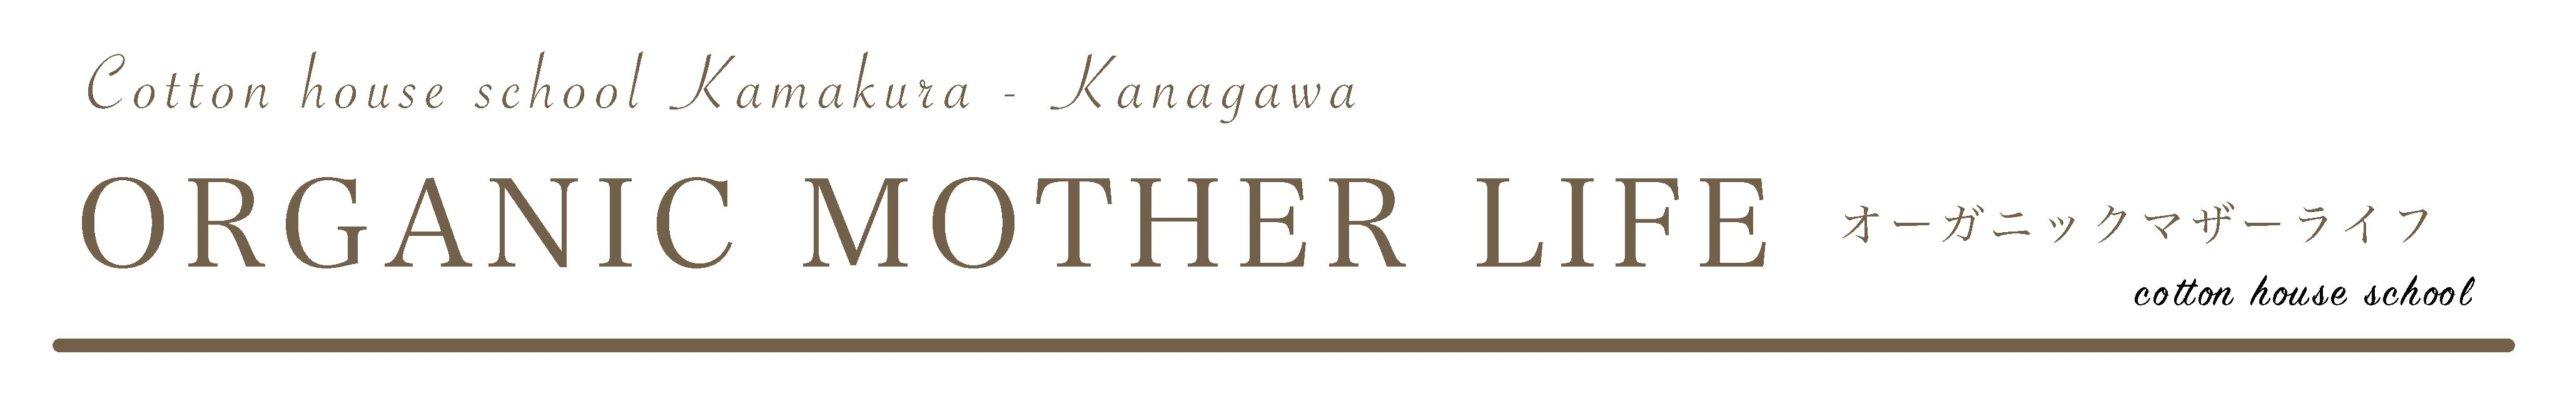 鎌倉神奈川県コットンハウス